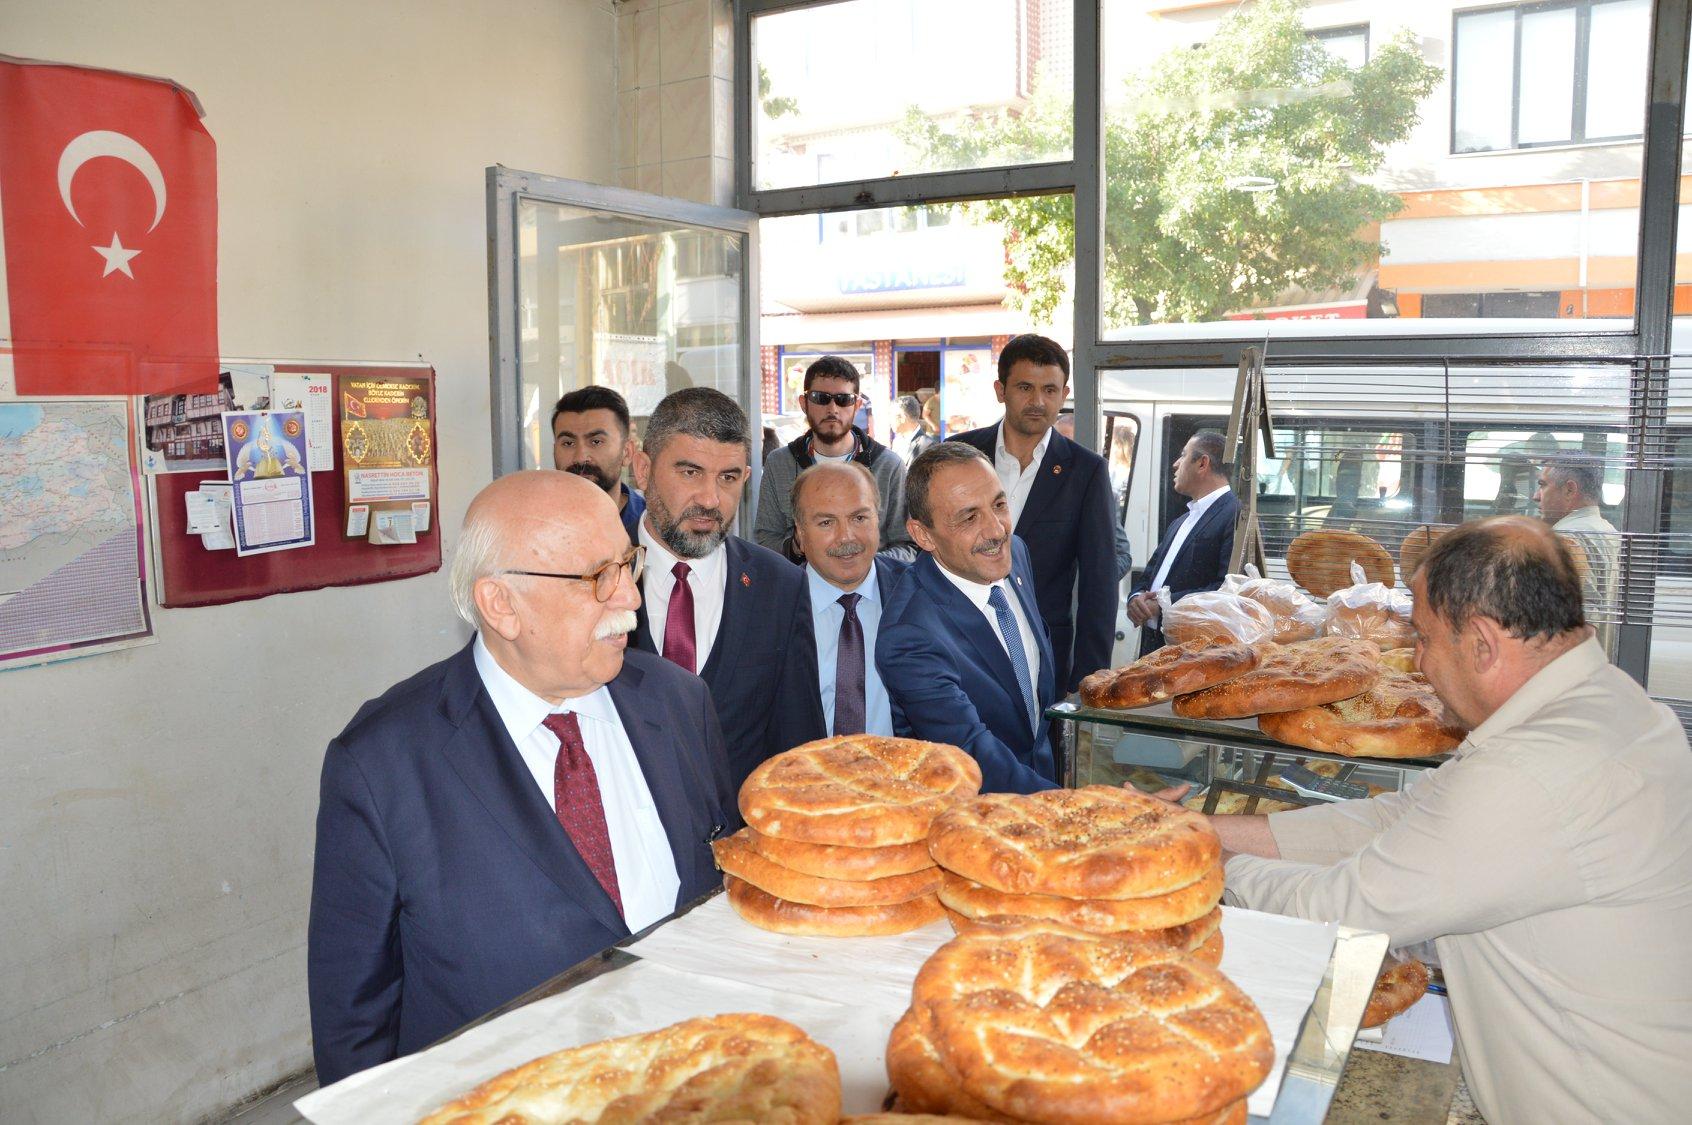 Sivrihisar Belediye Başkanımız Hamid Yüzügüllü, Bakanımız Sayın Prof . Dr. Nabi Avcı İle İlçemiz Muhtarları Biraraya Geldiler.